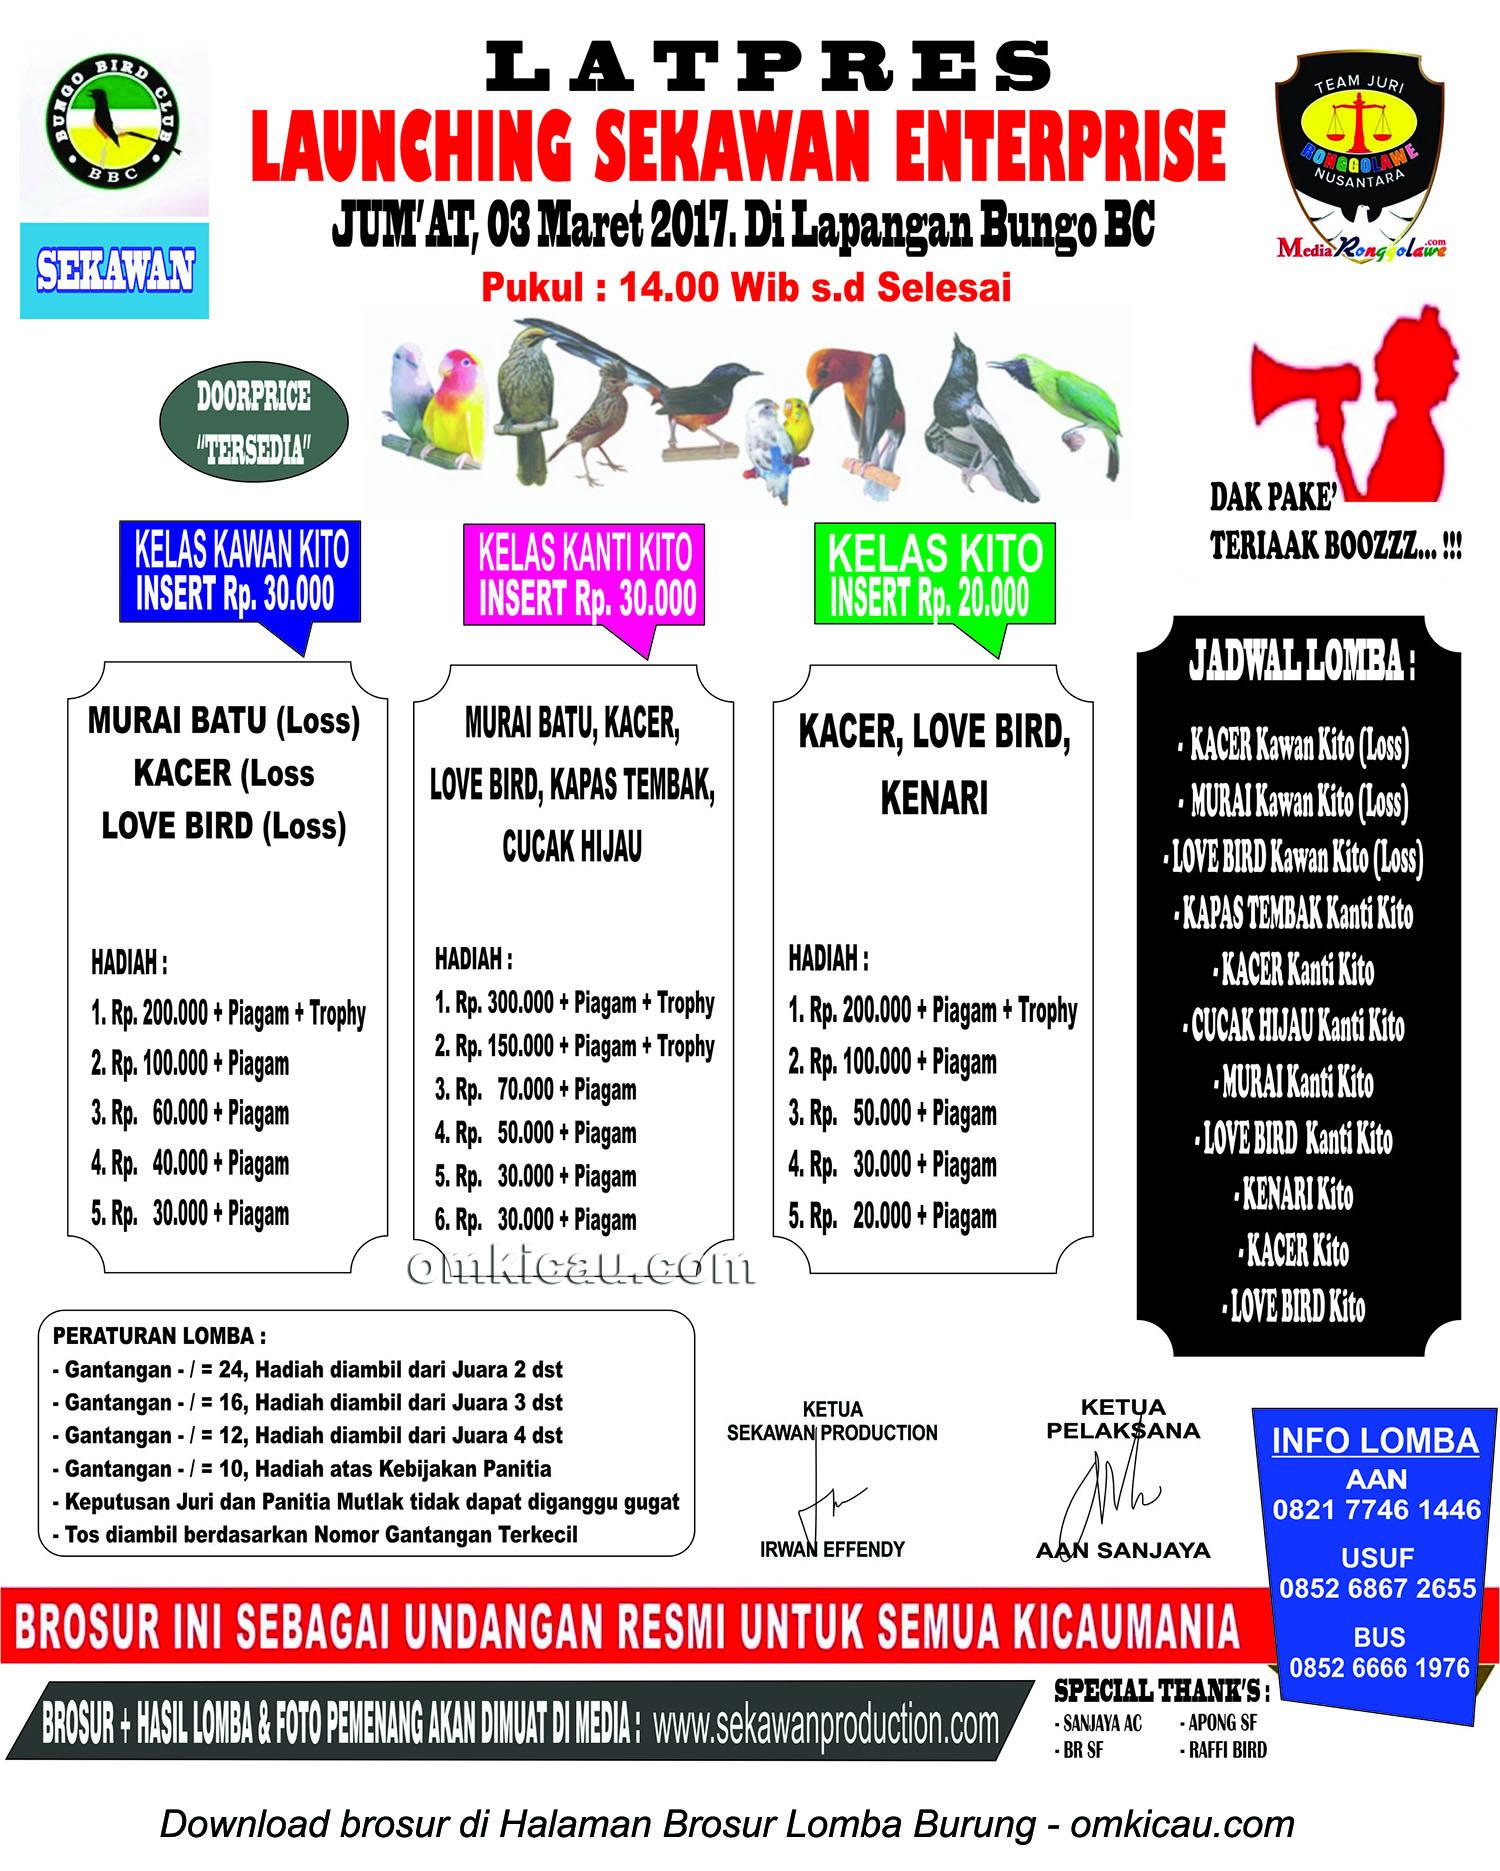 Brosur Latpres Launching Sekawan Enterprise Bungo 3 Maret 2017